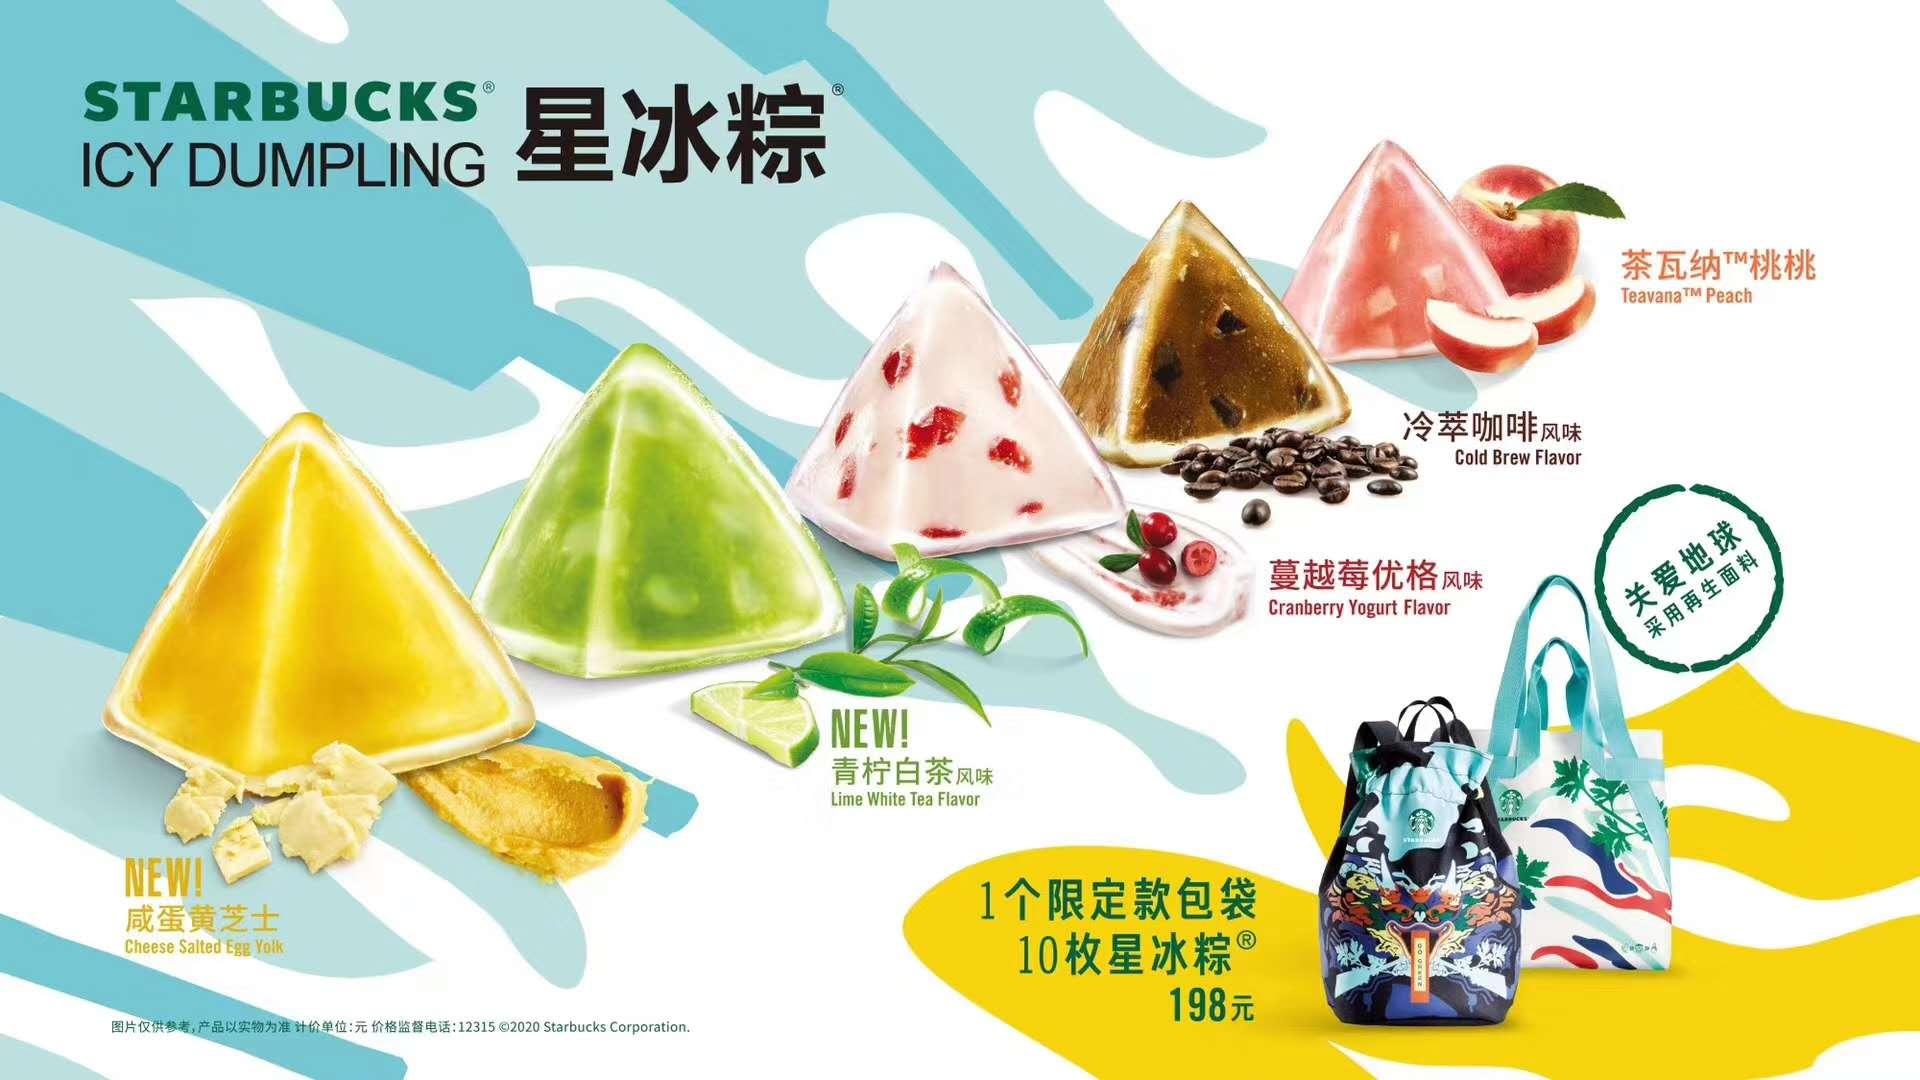 Xingba, Kexing, bingzongzi, Bingyi, Jiangzhehu, Tongdui and Tieling